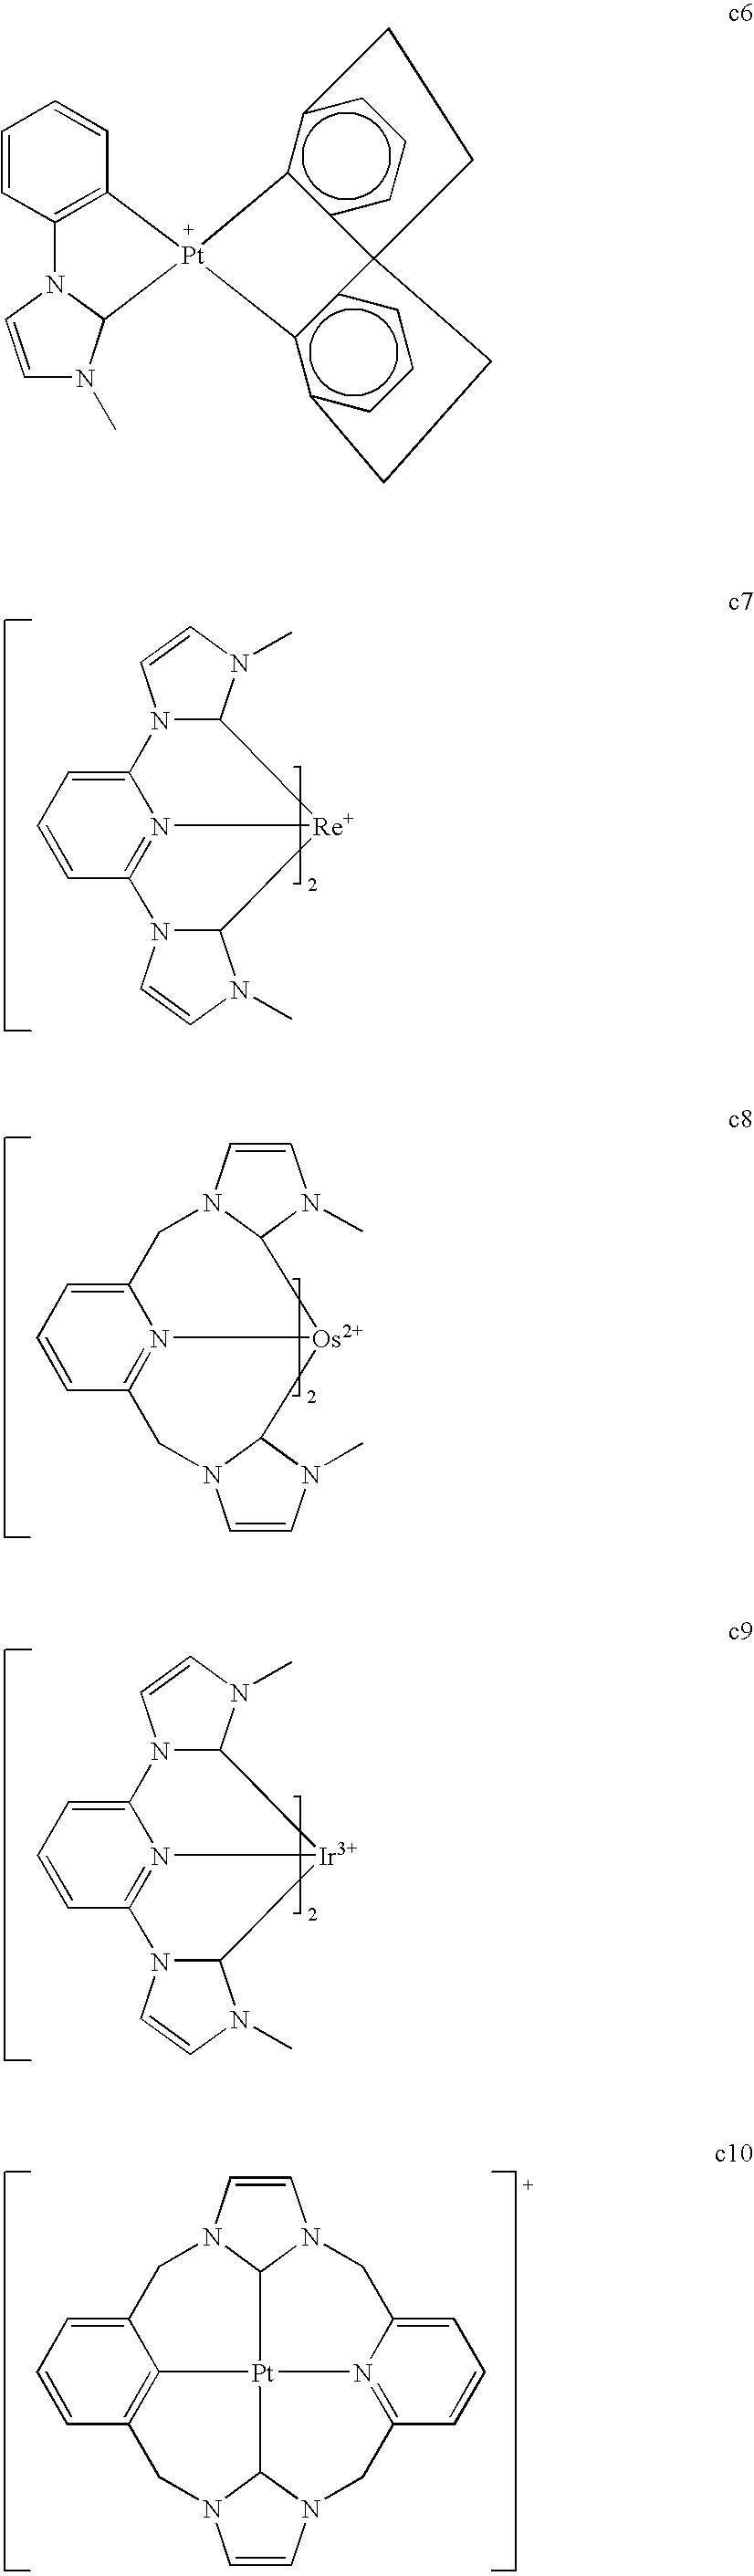 Figure US07445855-20081104-C00335